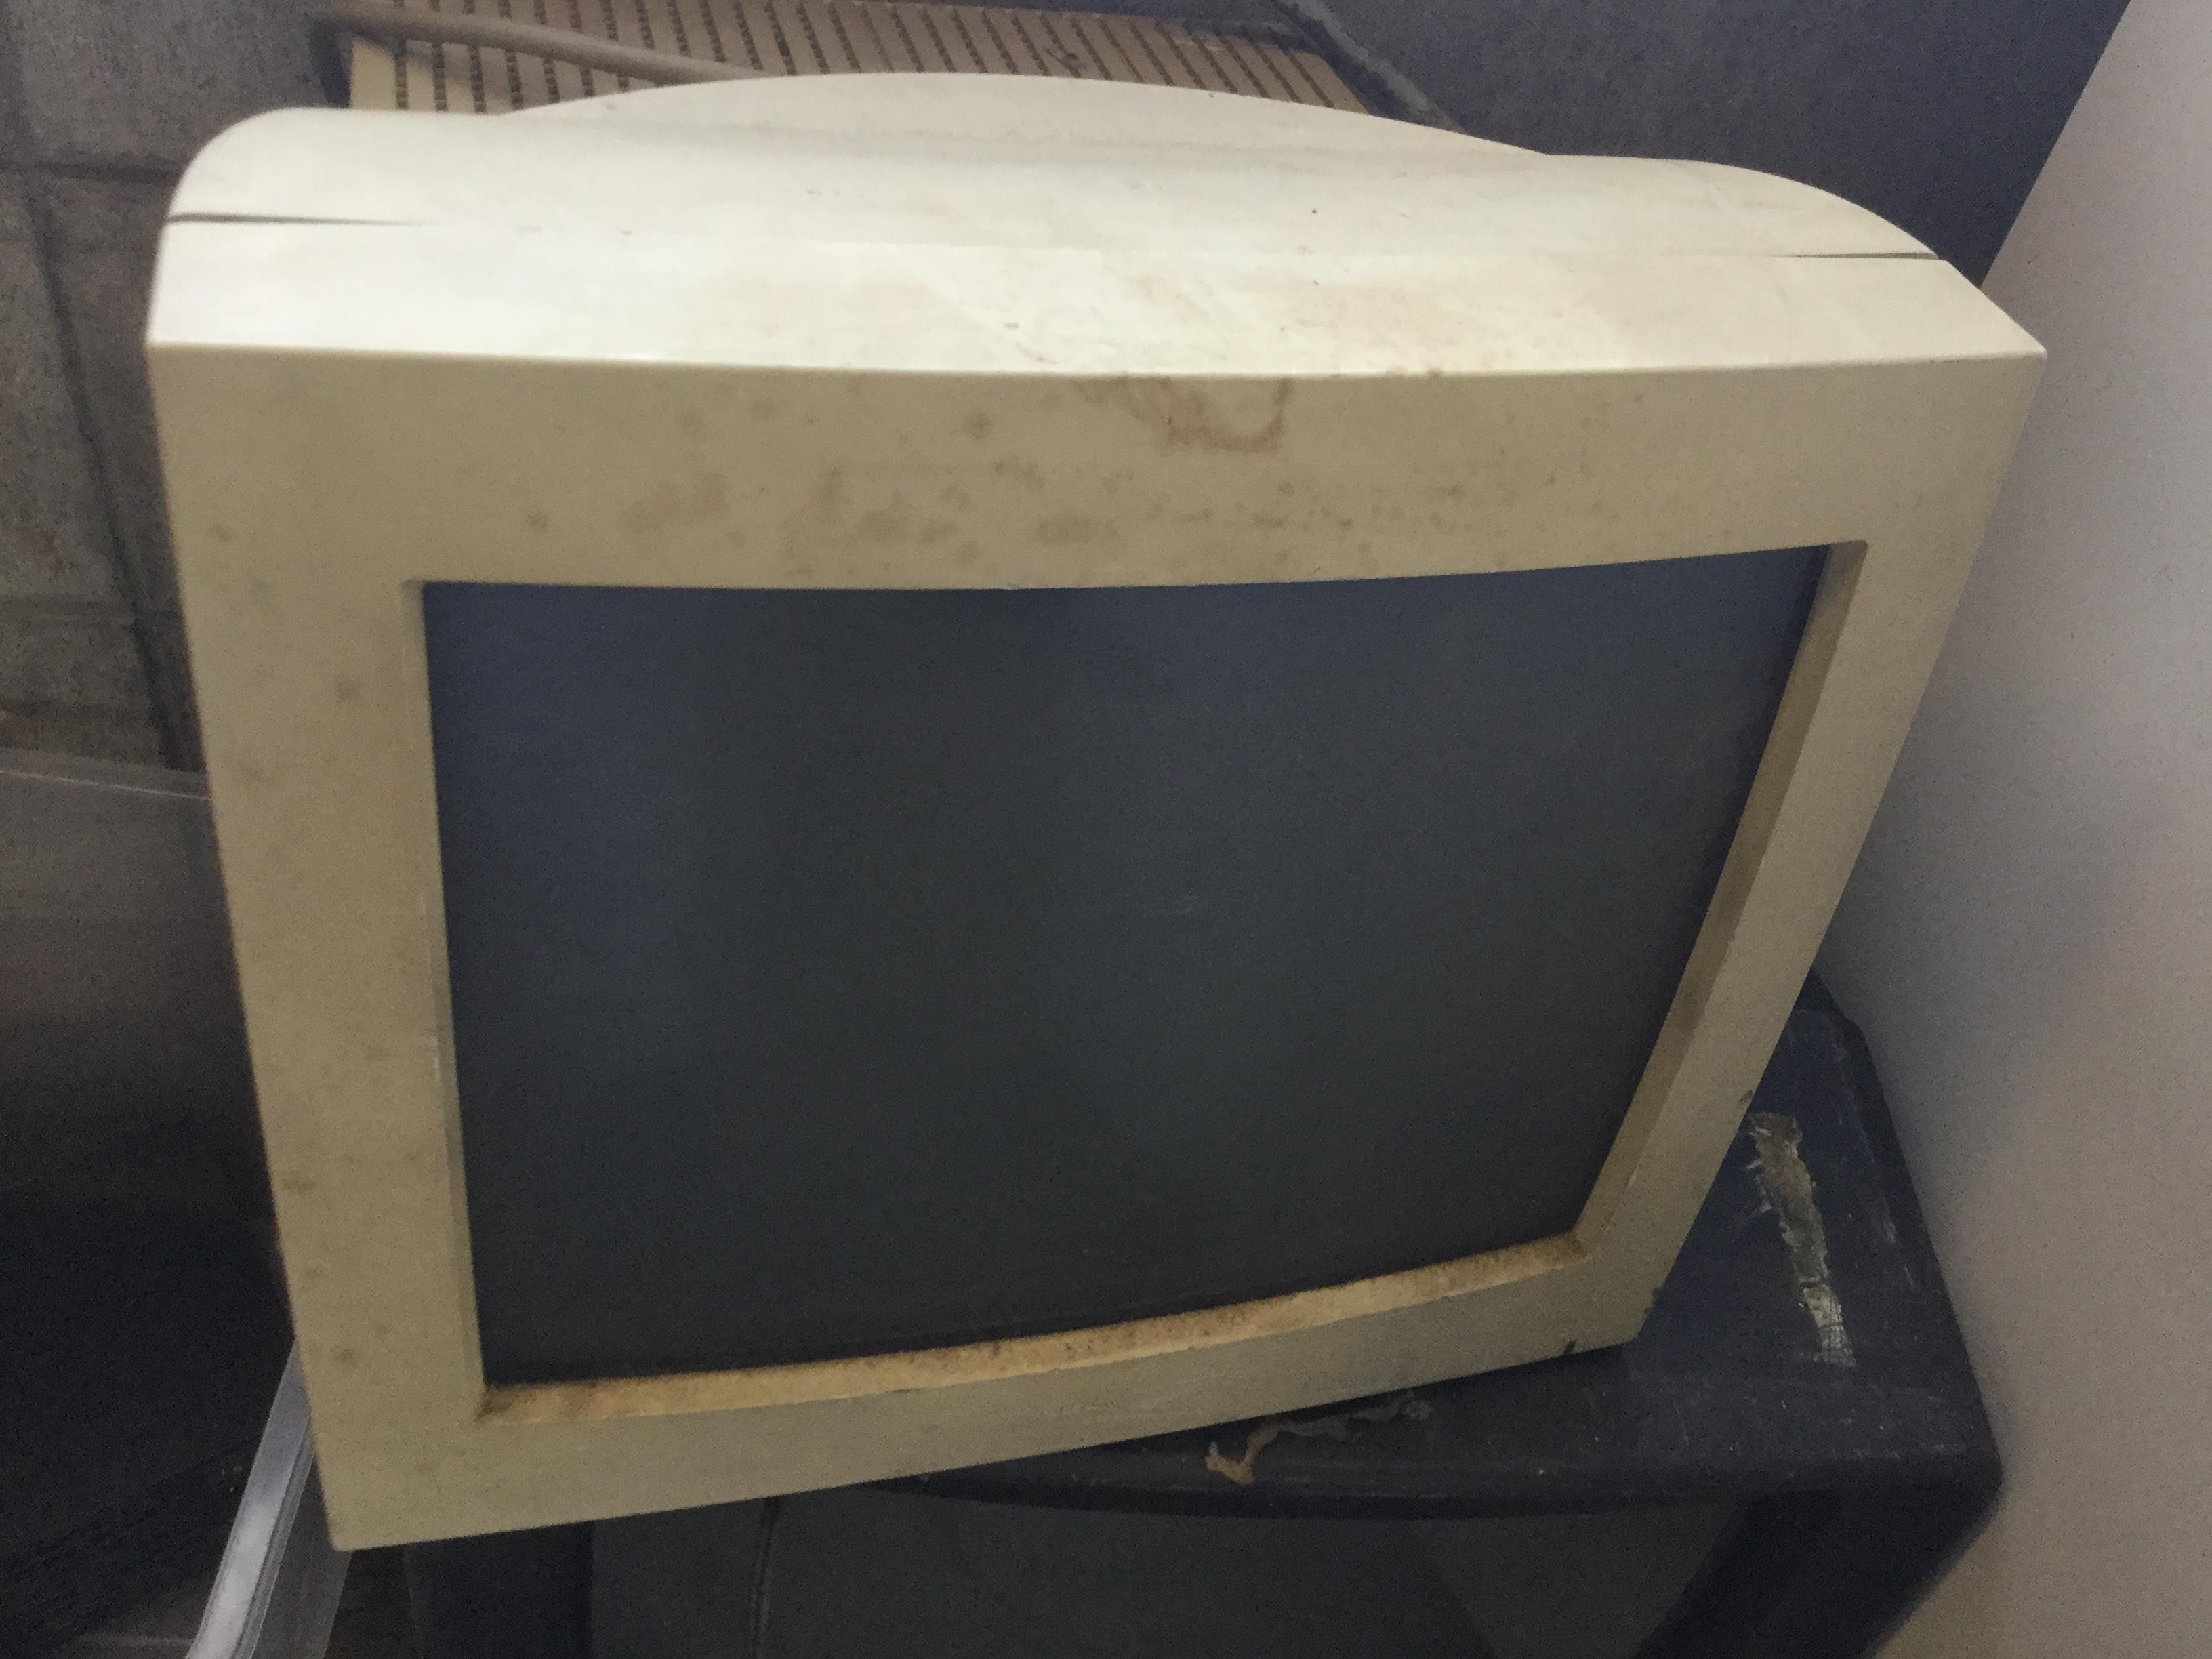 岡山市南区で不用品回収・処分したパソコンモニター